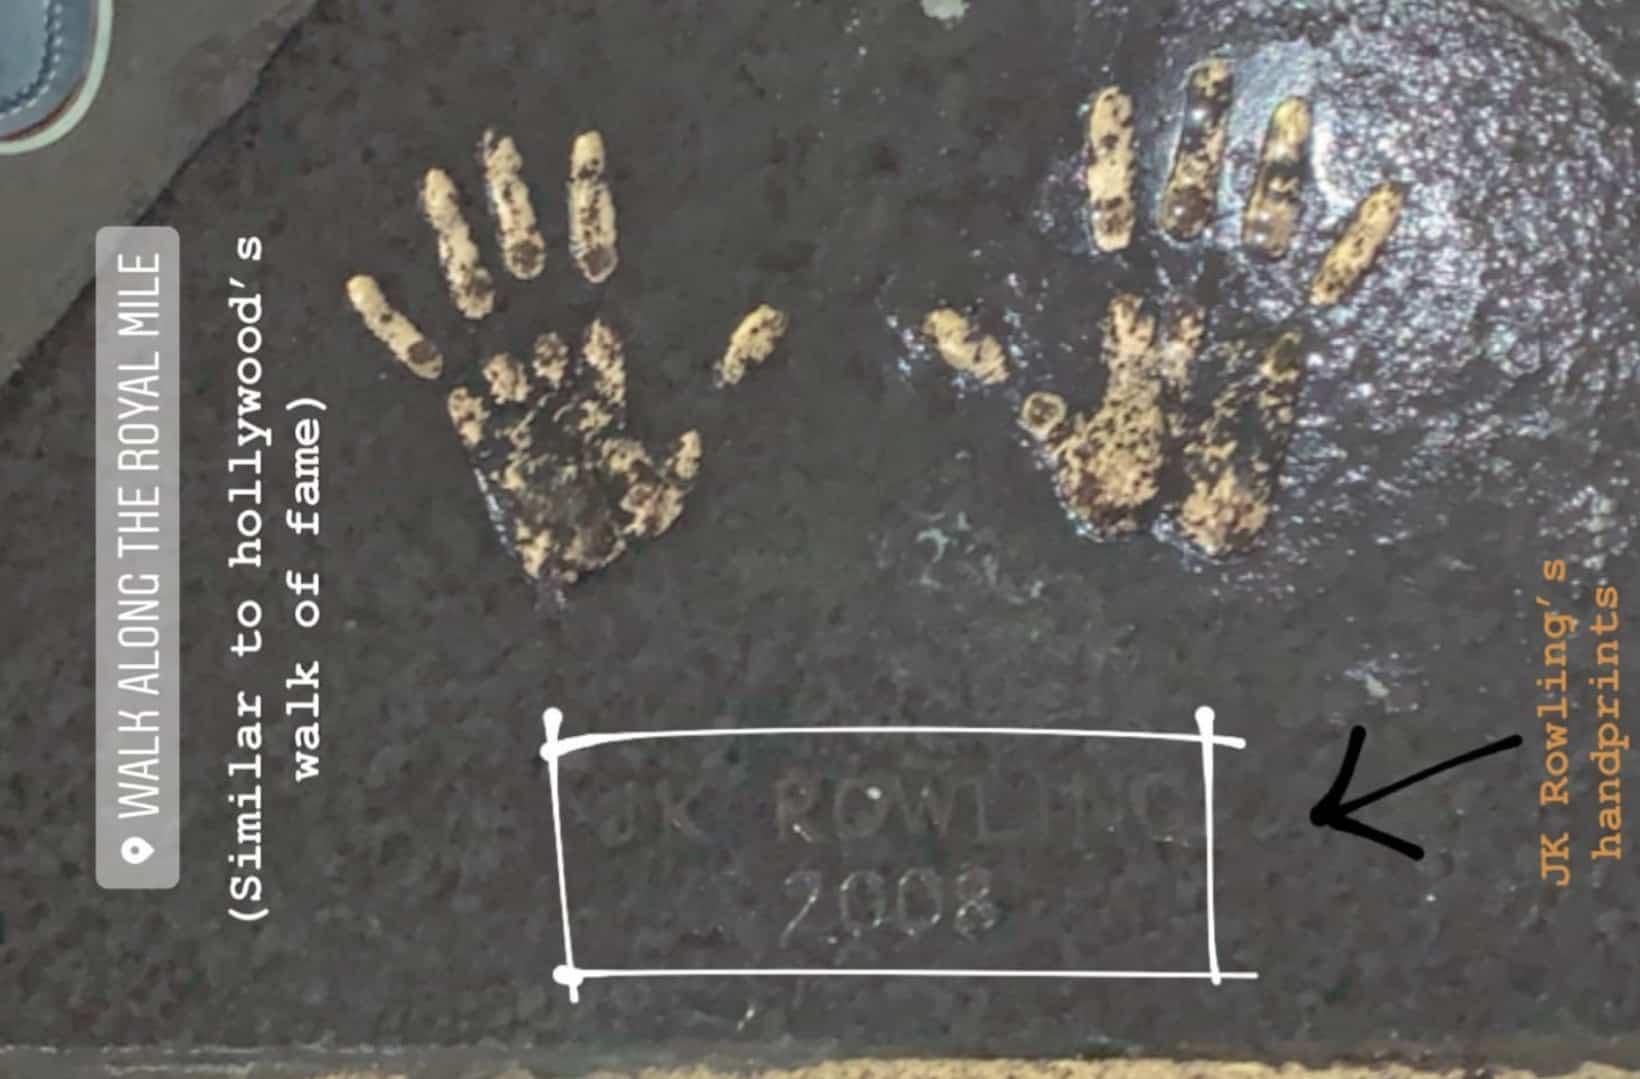 Handprints of J.K. Rowling at Royal Mile